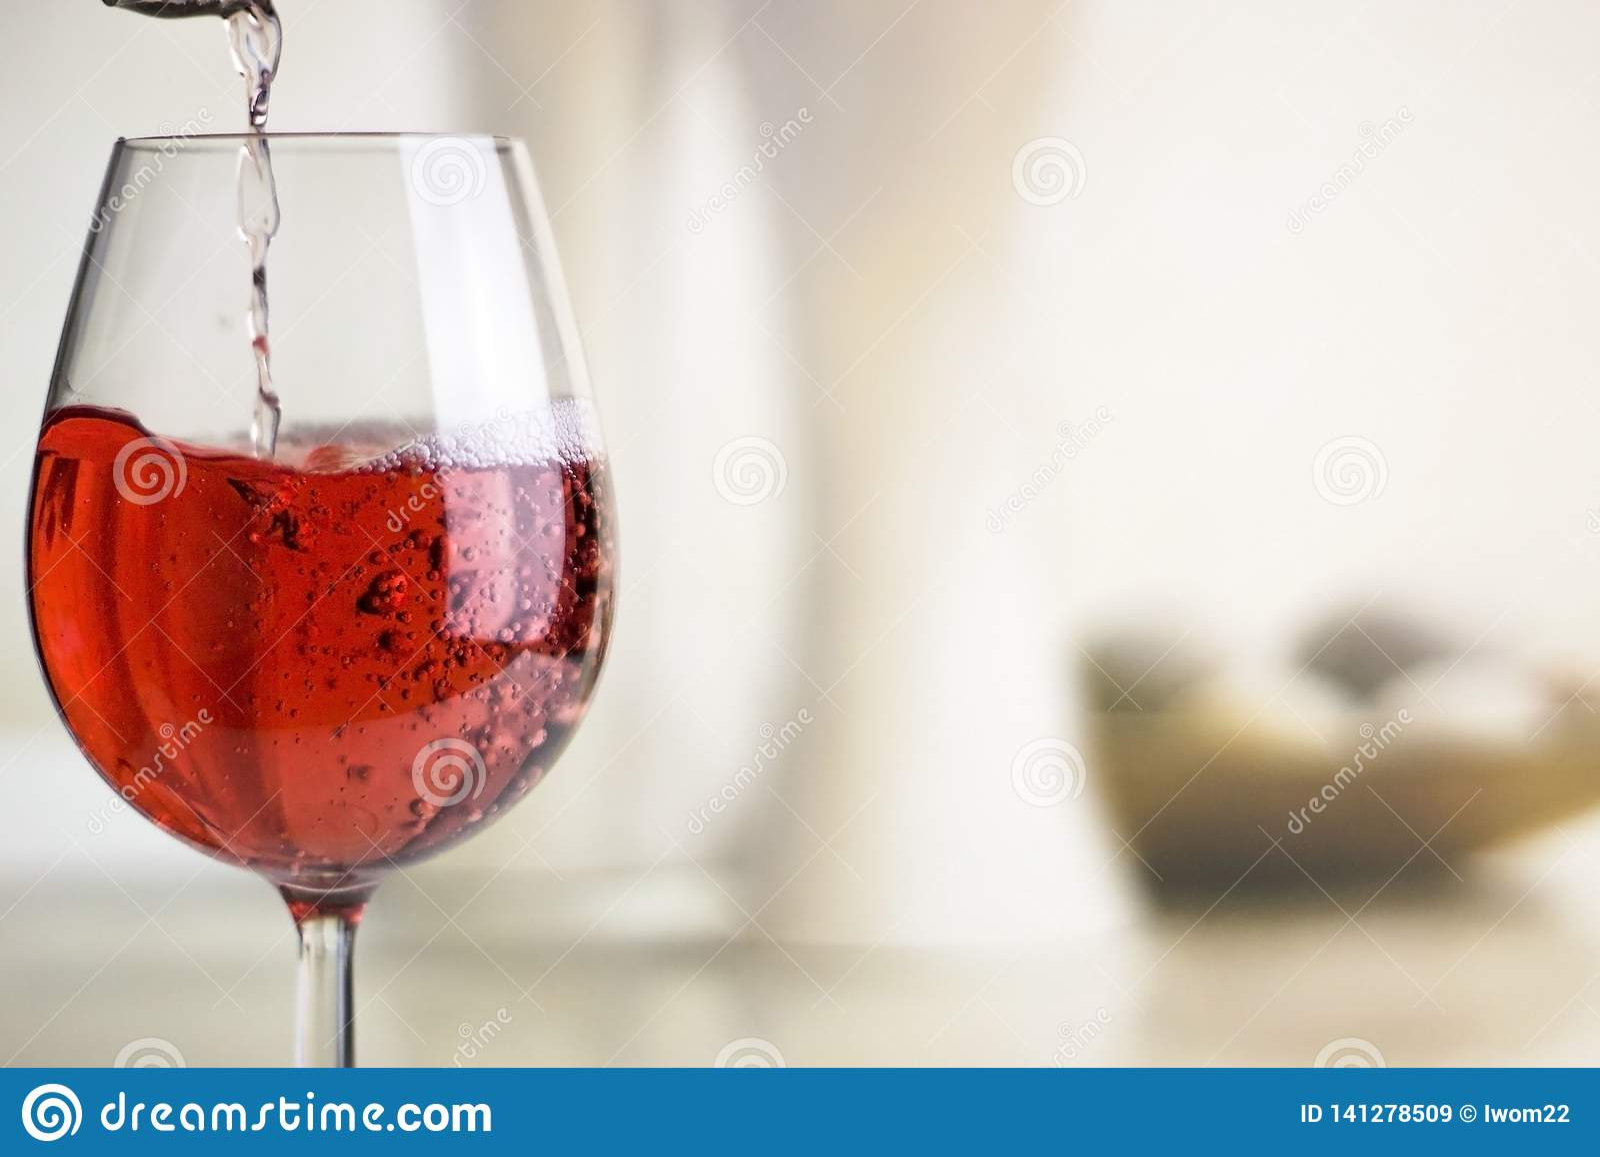 Лить розовое вино в бокал